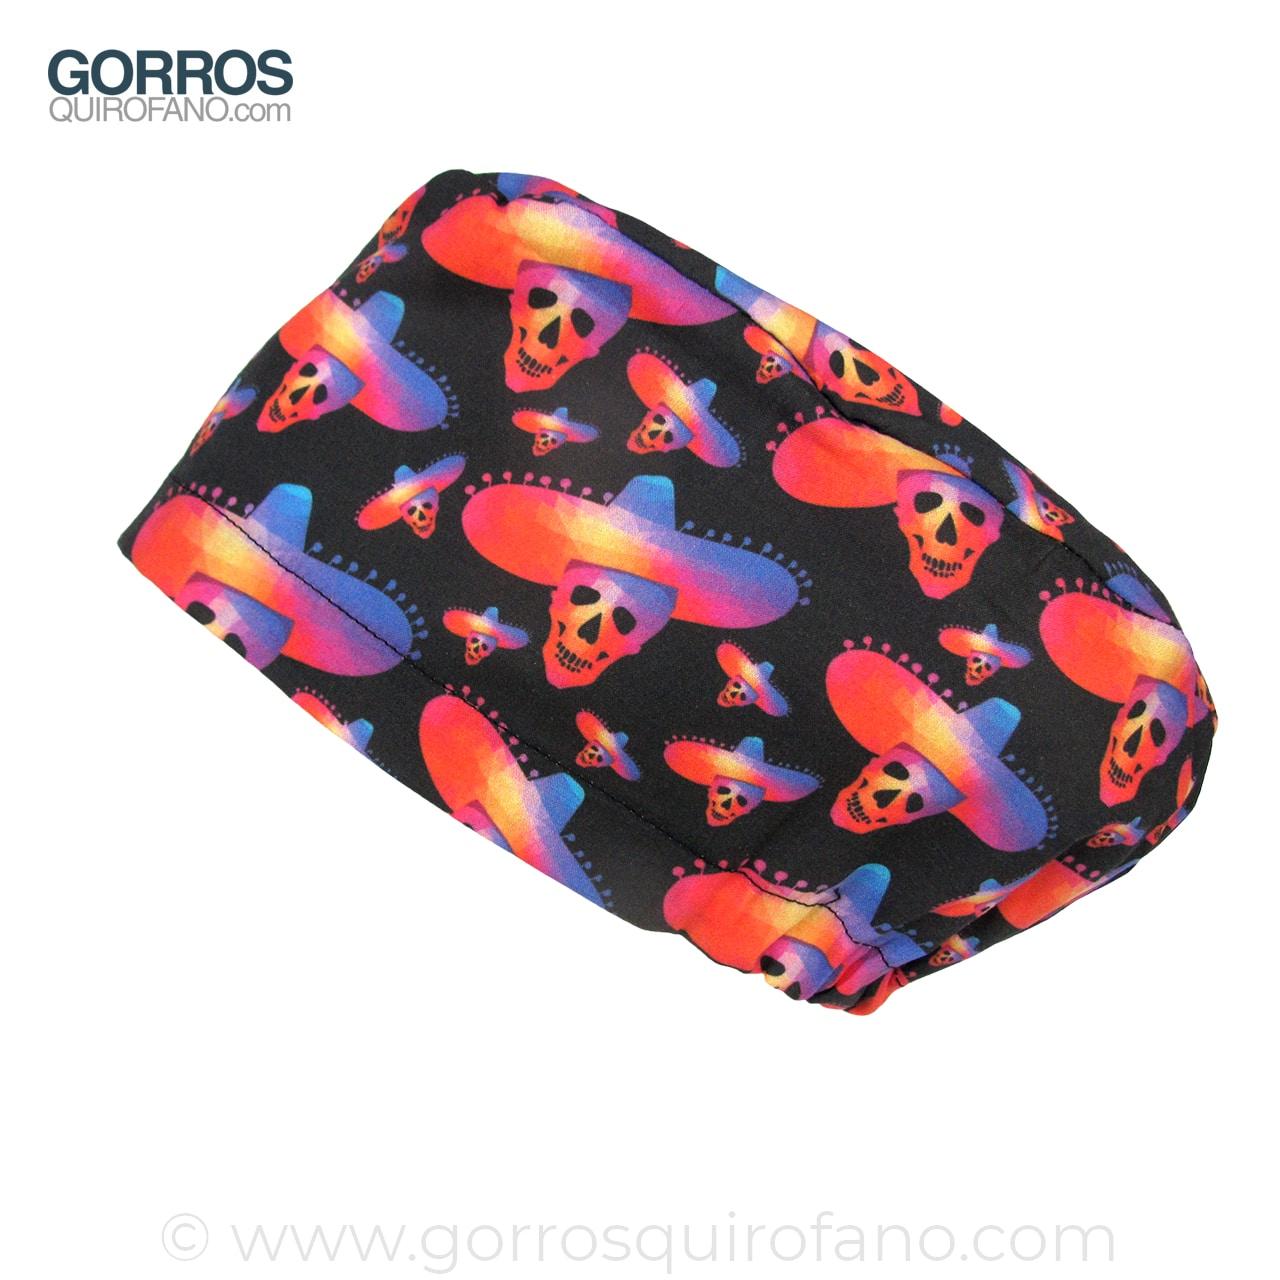 Gorros enfermeras calaveras sombreros mexicanos jpg 1280x1280 Gorros  mexicanos cb008dc15da